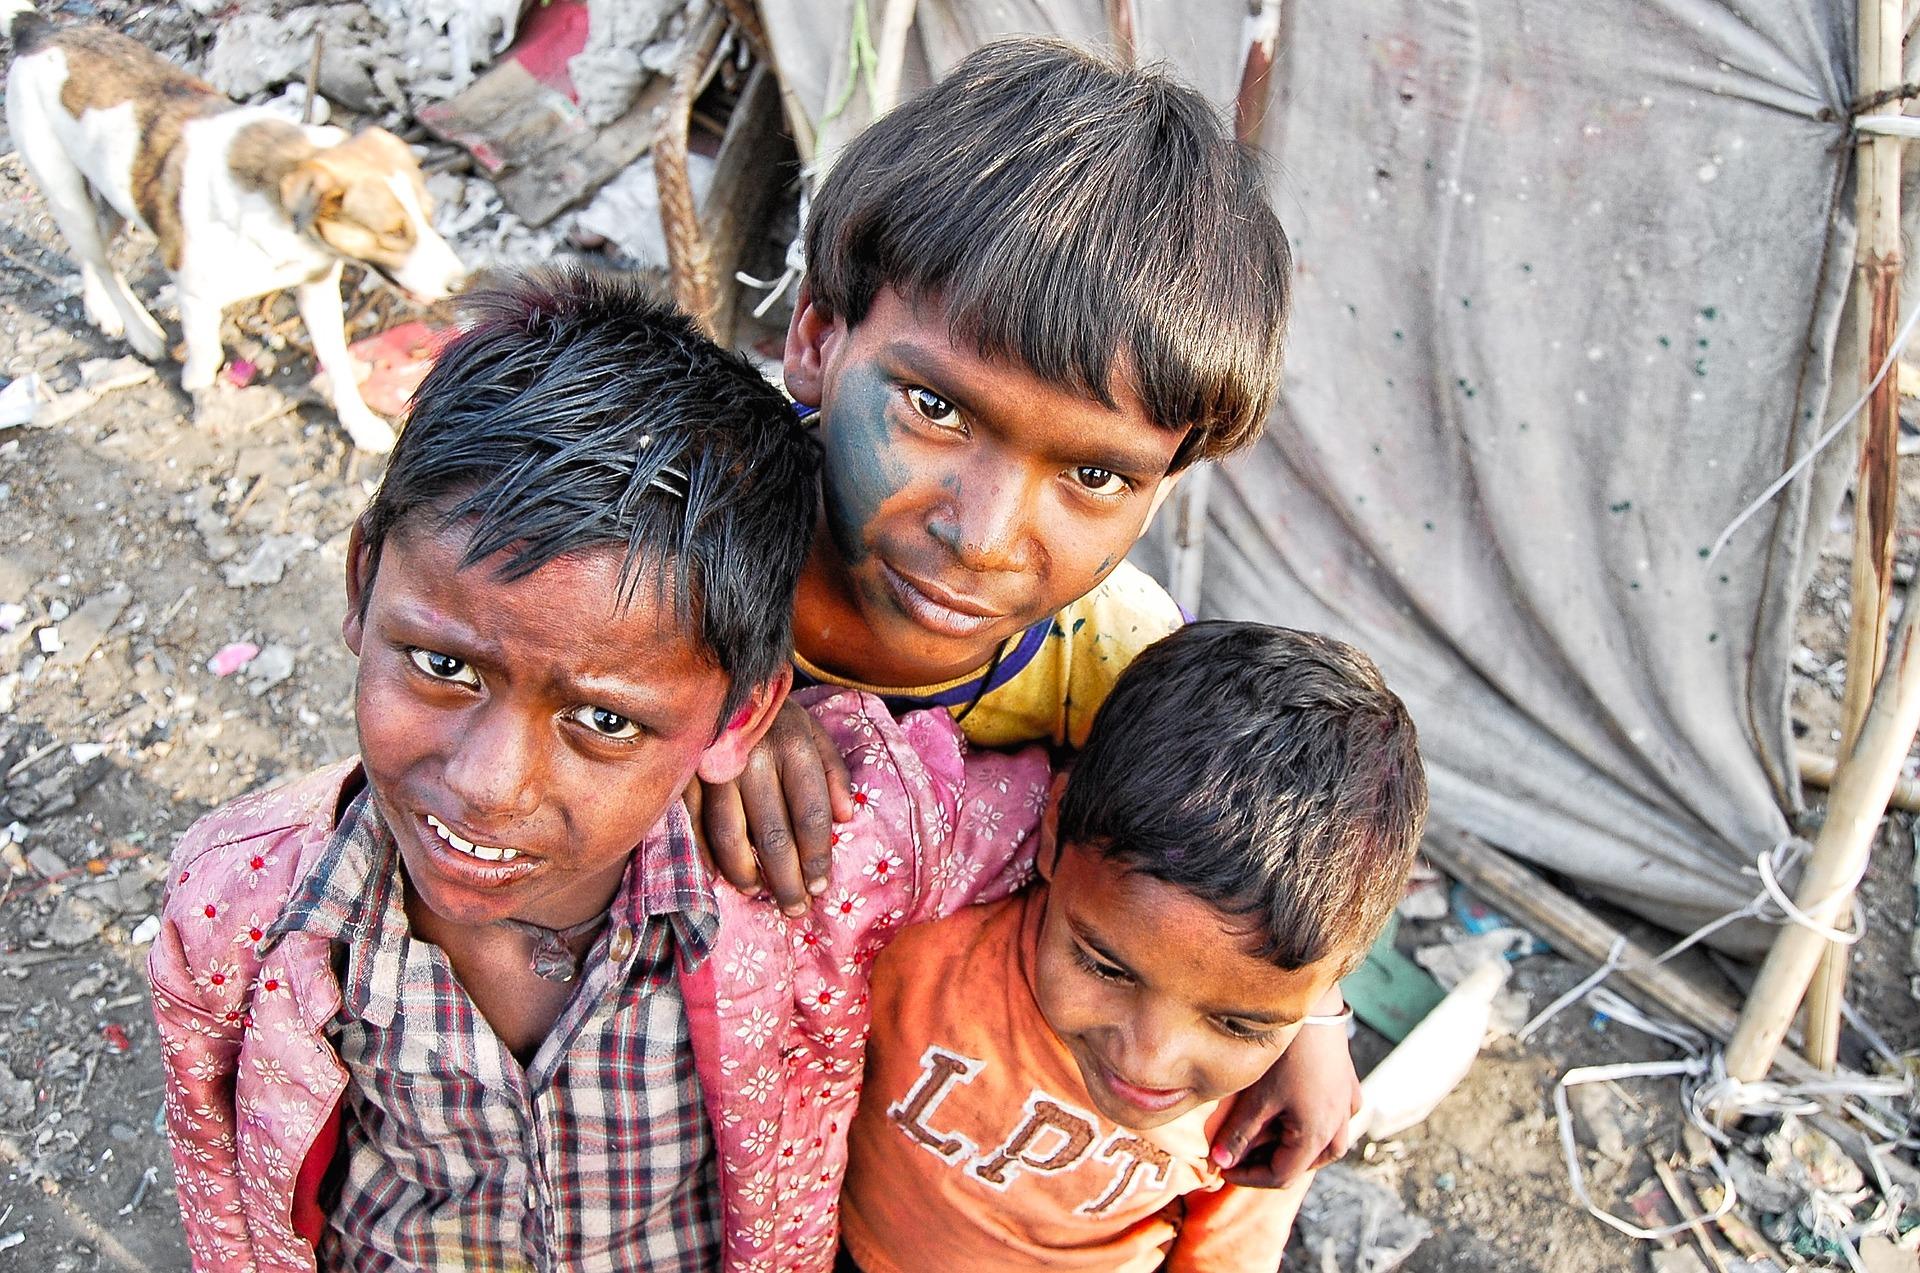 アジアでの飢餓が特に問題となっている国